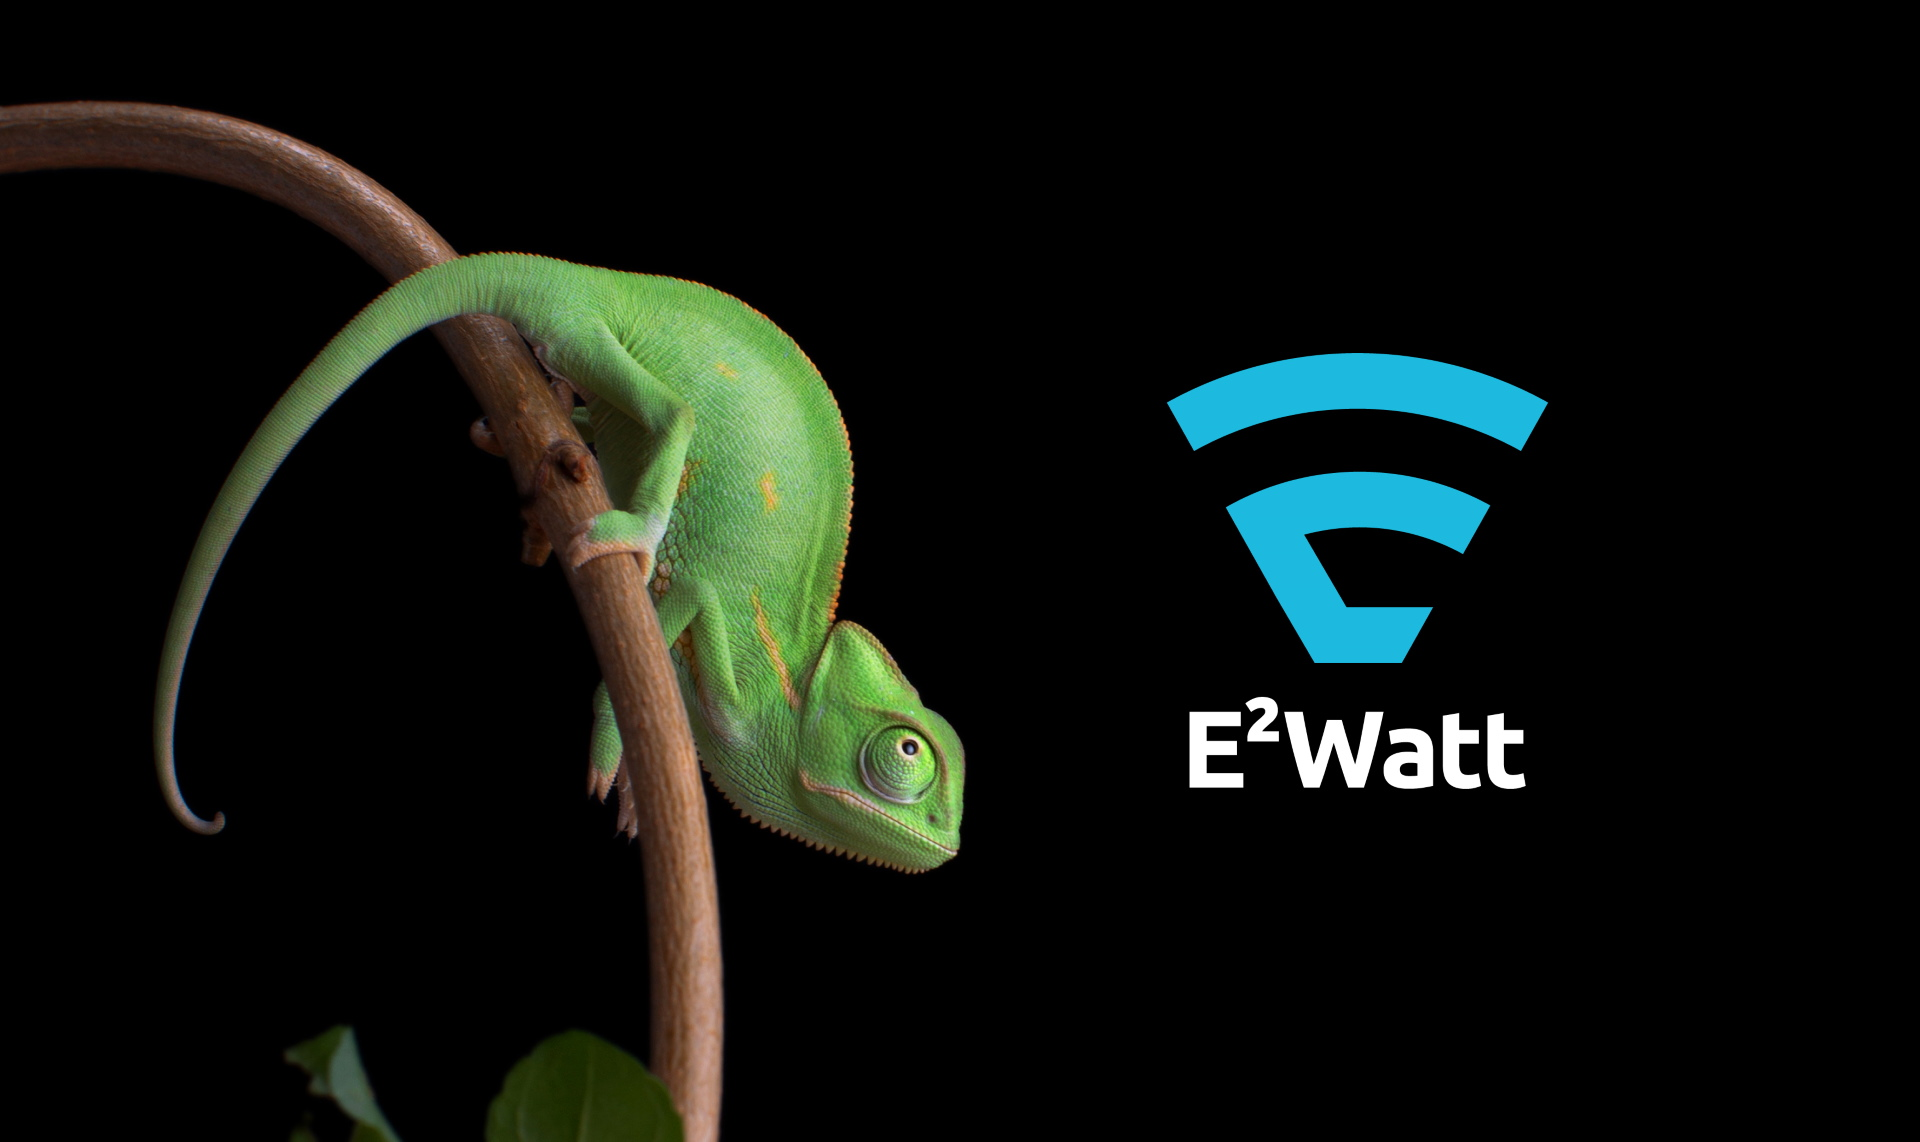 Eggtronic presenta E2WATT, la tecnologia wireless che vuole rivoluzionare tutto